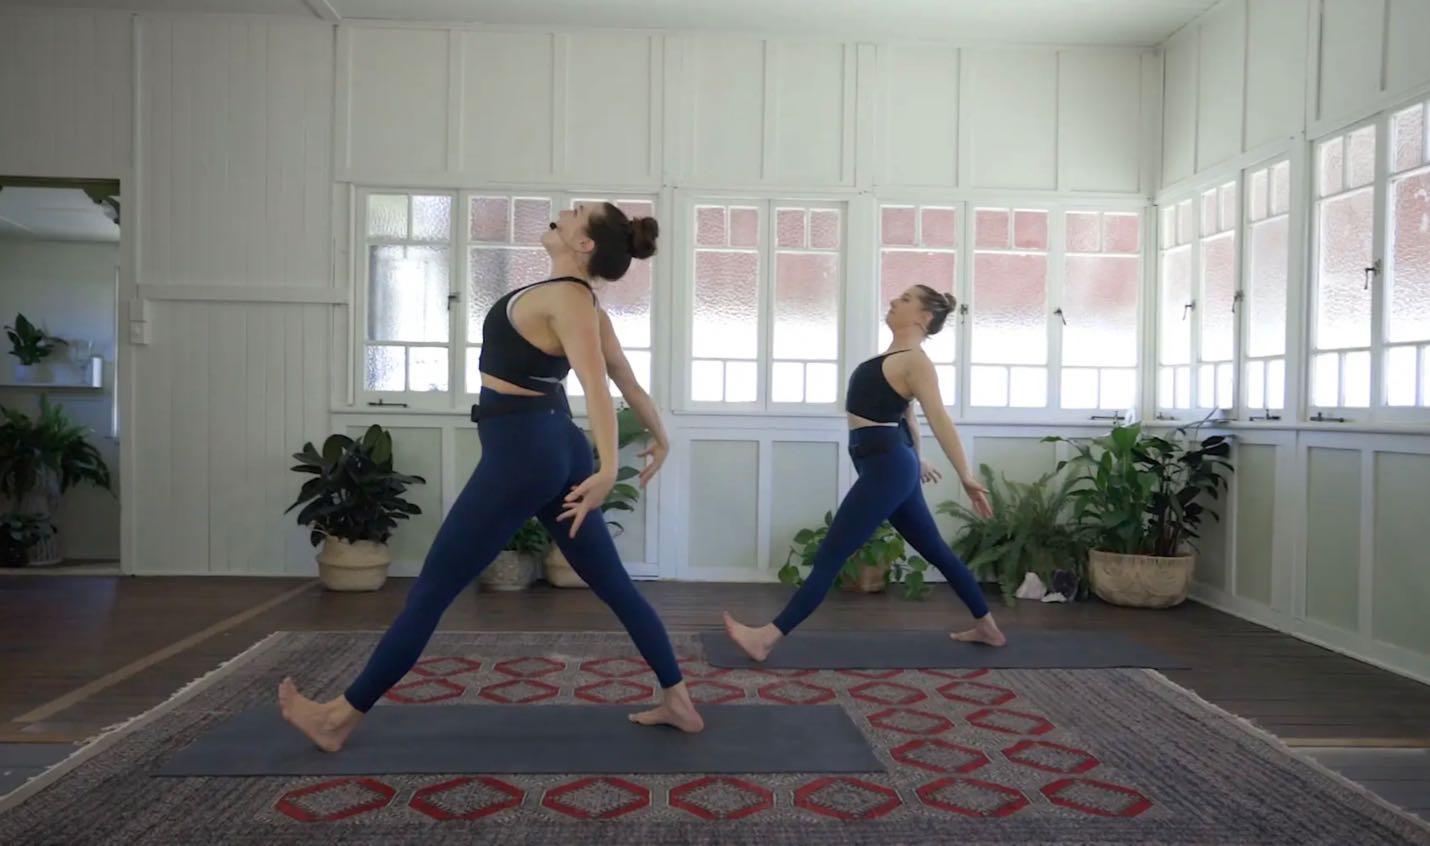 blossom-yoga-merry-body